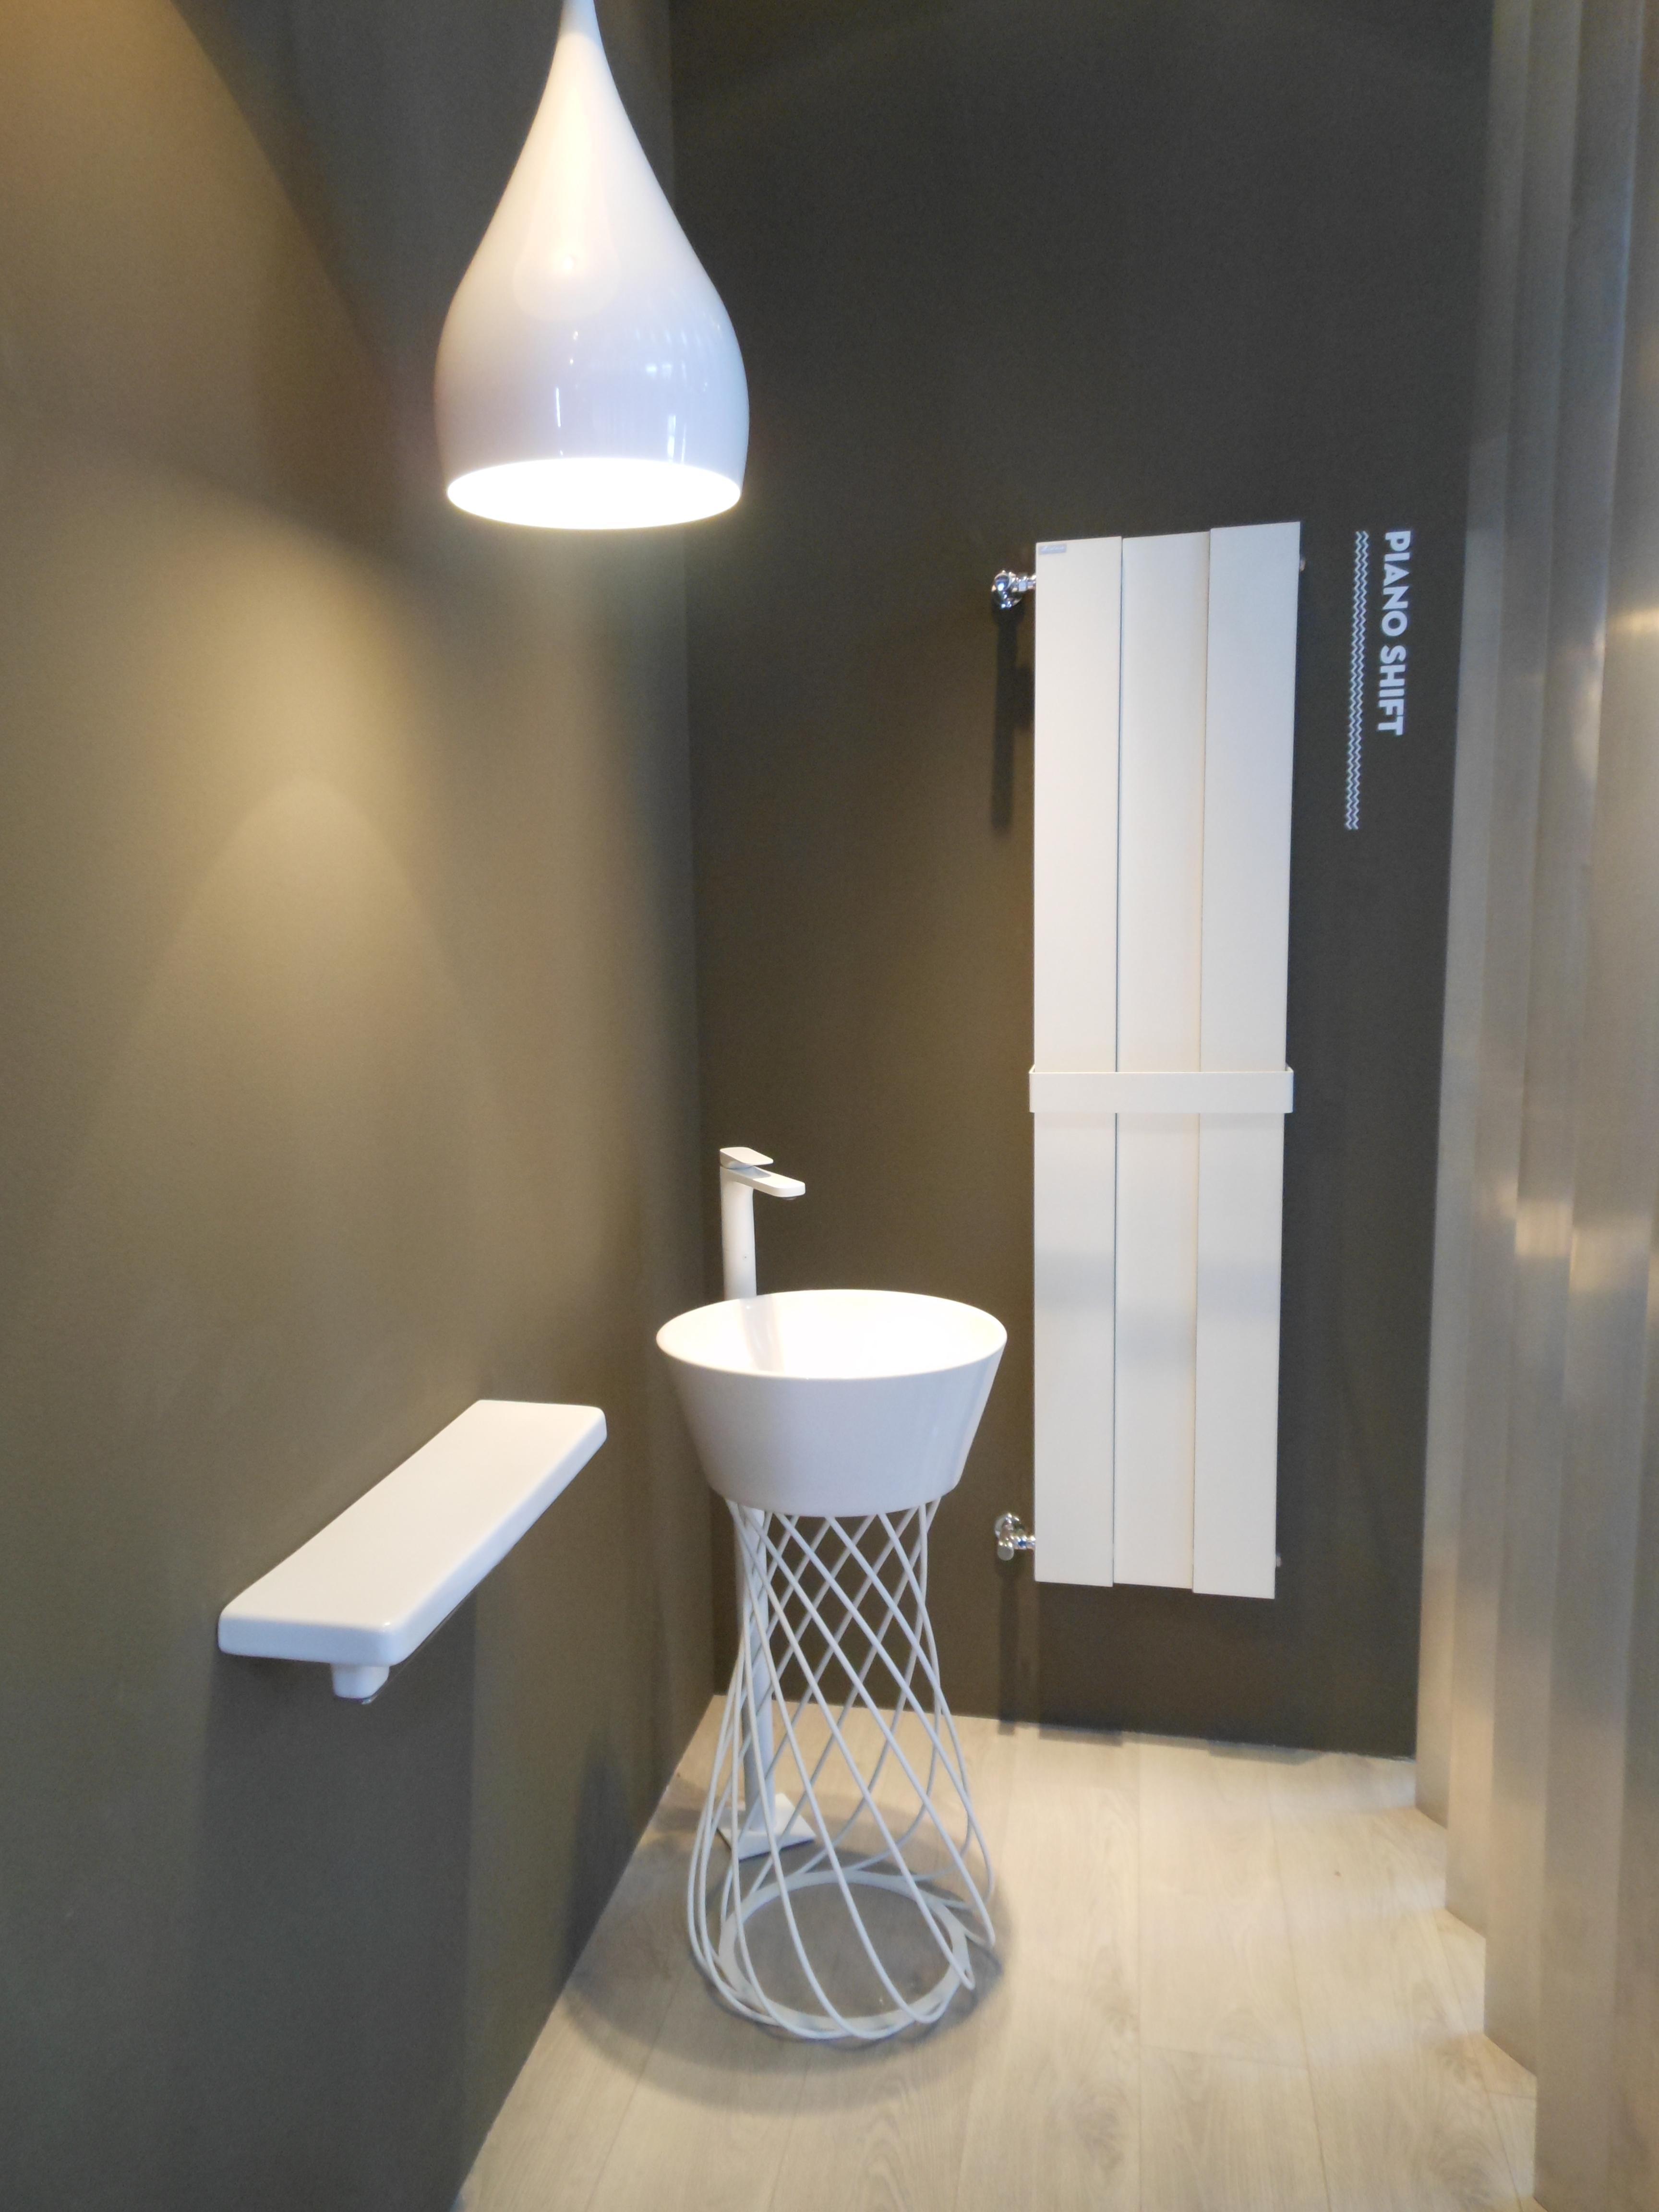 Il bagno in fondo a destra mayday casa blog e progetti - Portasalviette design ...